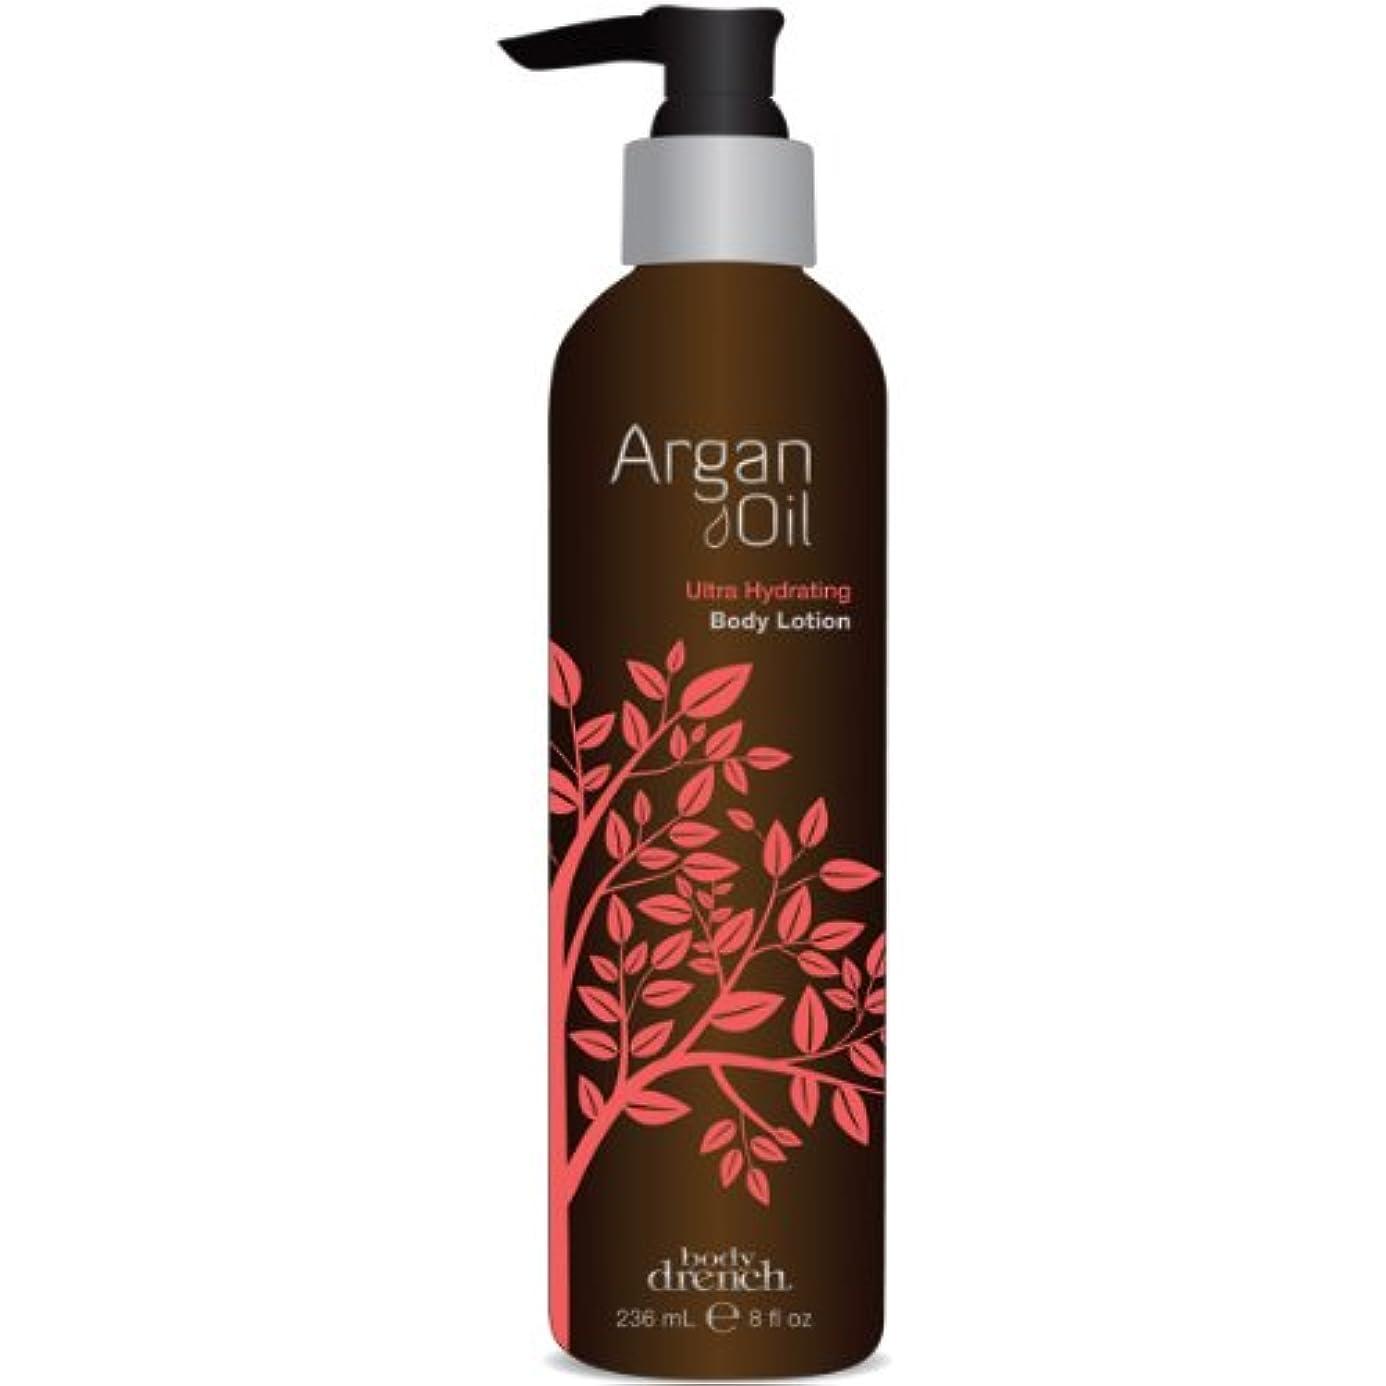 先見の明大砲塗抹Argan Oil Body Ultra Hydrating Lotion 235 ml Pump (並行輸入品)